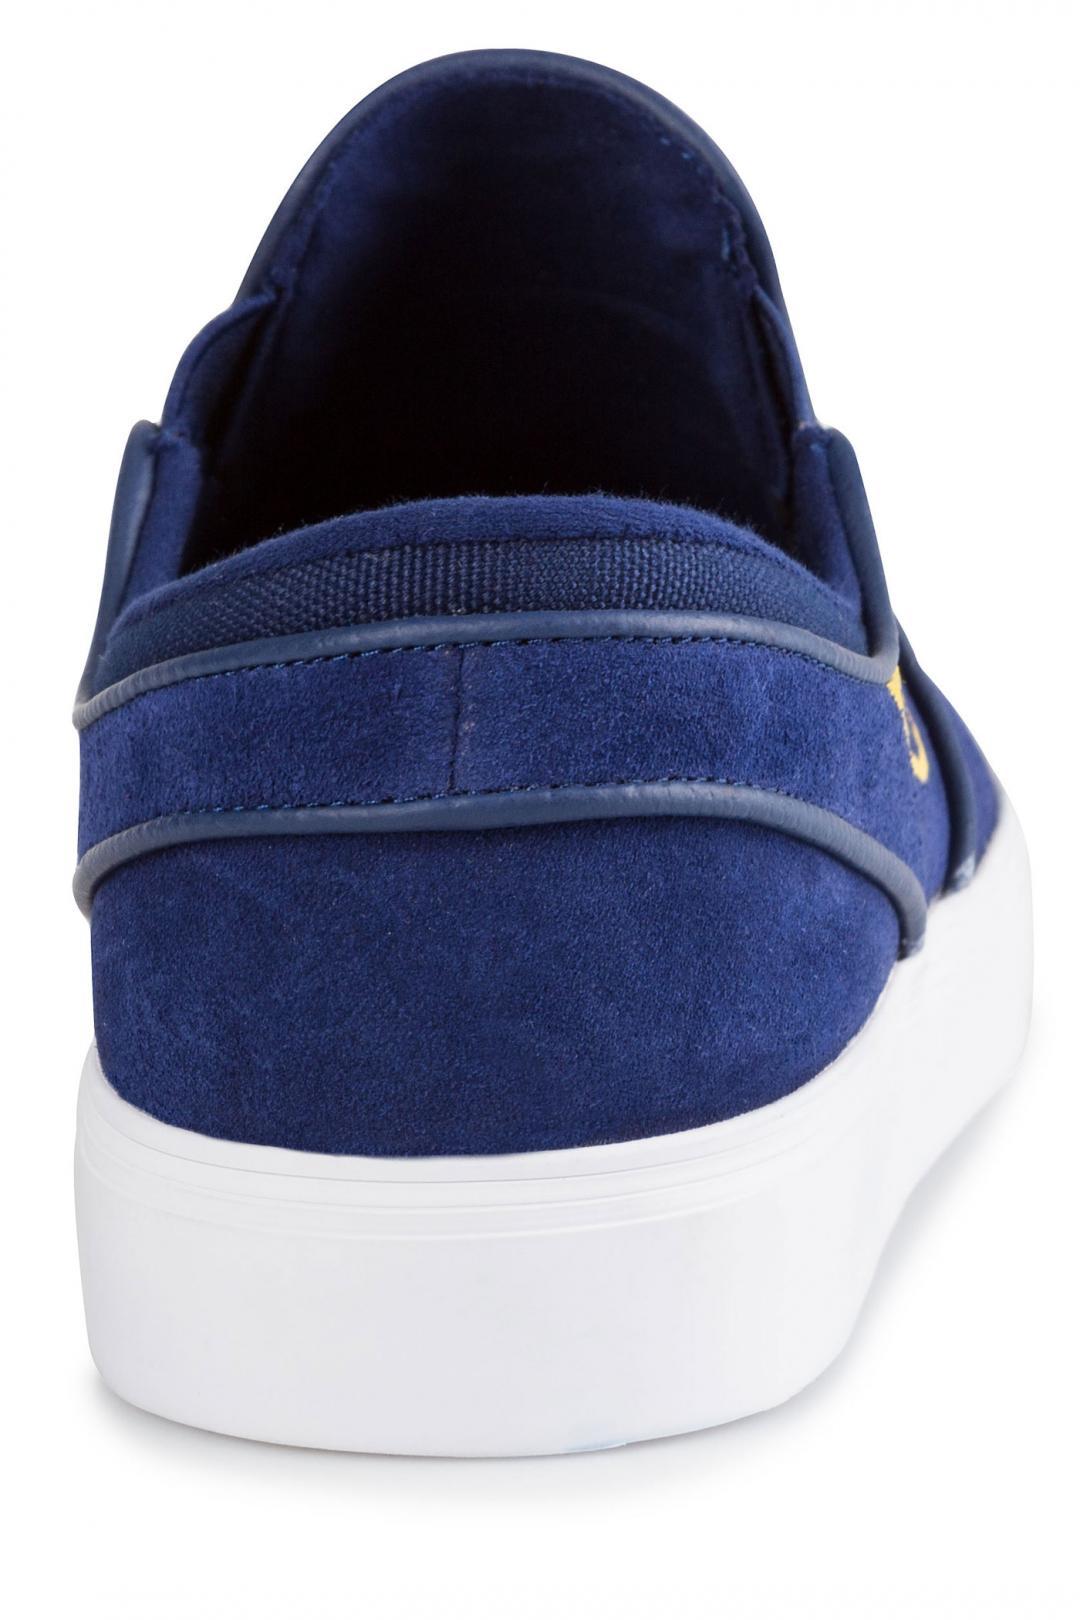 Uomo Nike SB Zoom Stefan Janoski Slip blue void yellow ochre   Sneaker